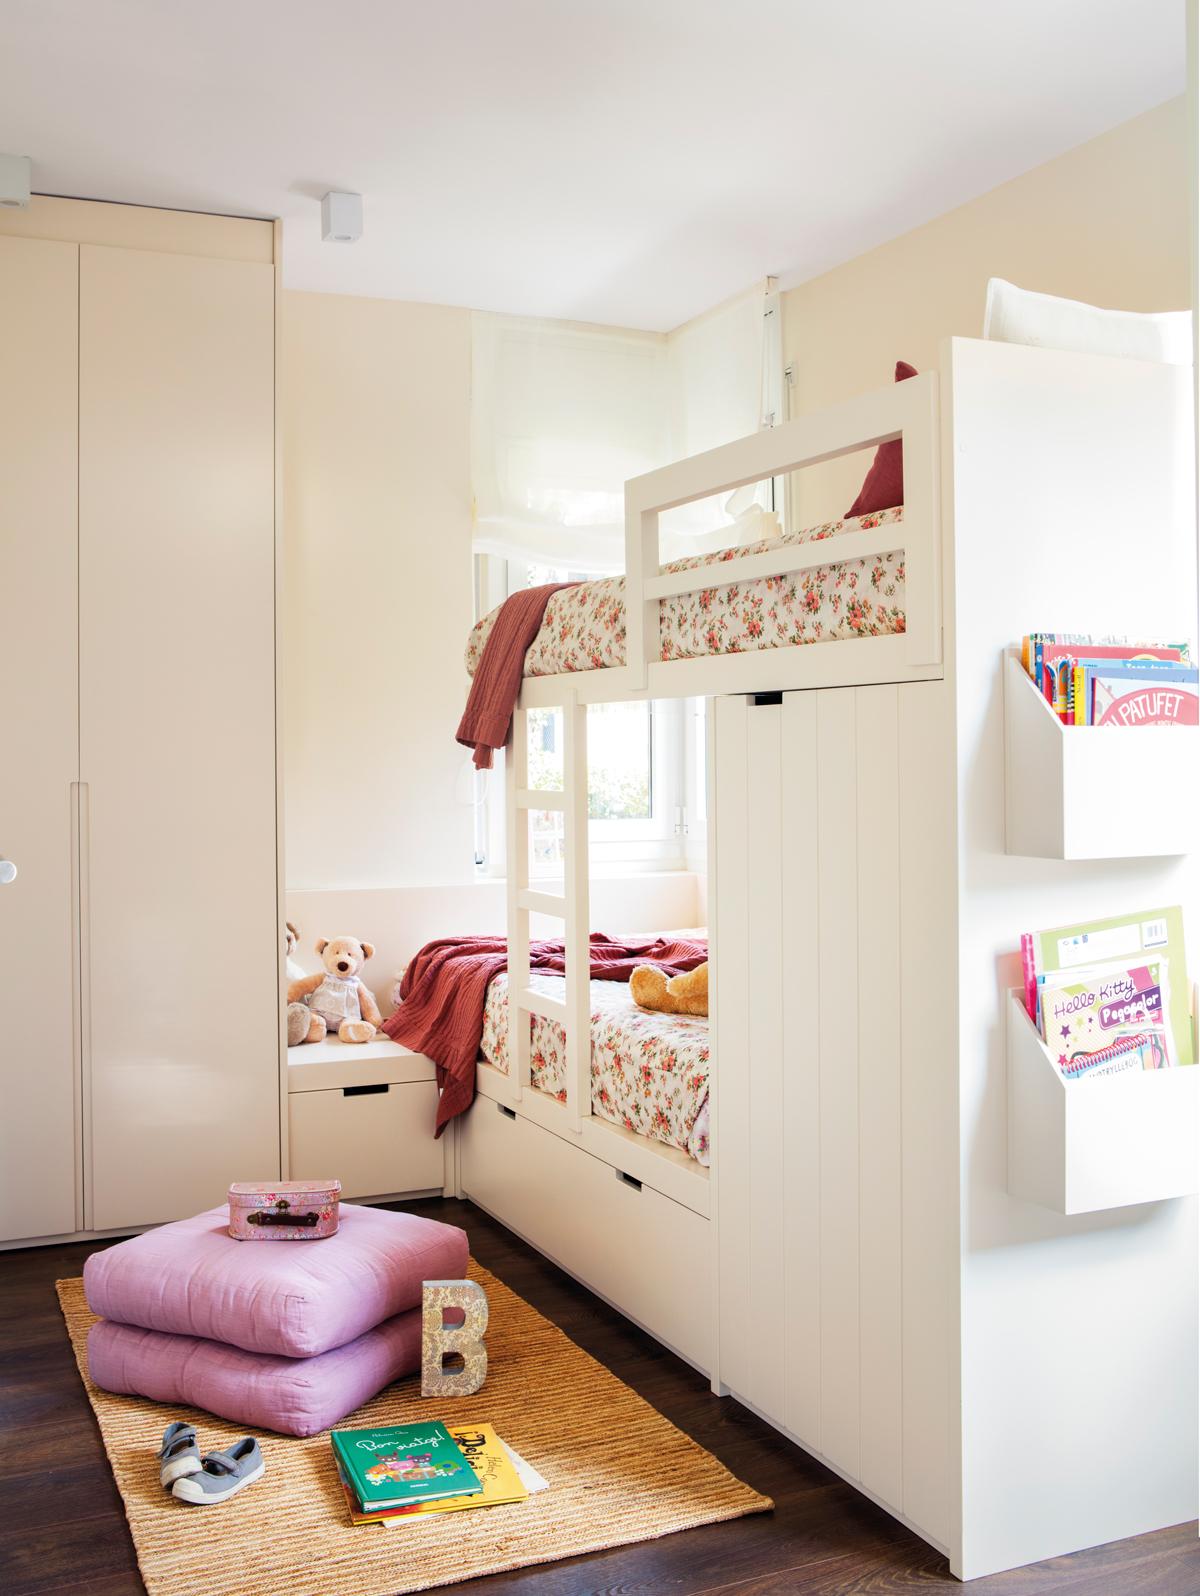 Soluciones para cuartos de ni os peque os - Armarios para almacenaje ...